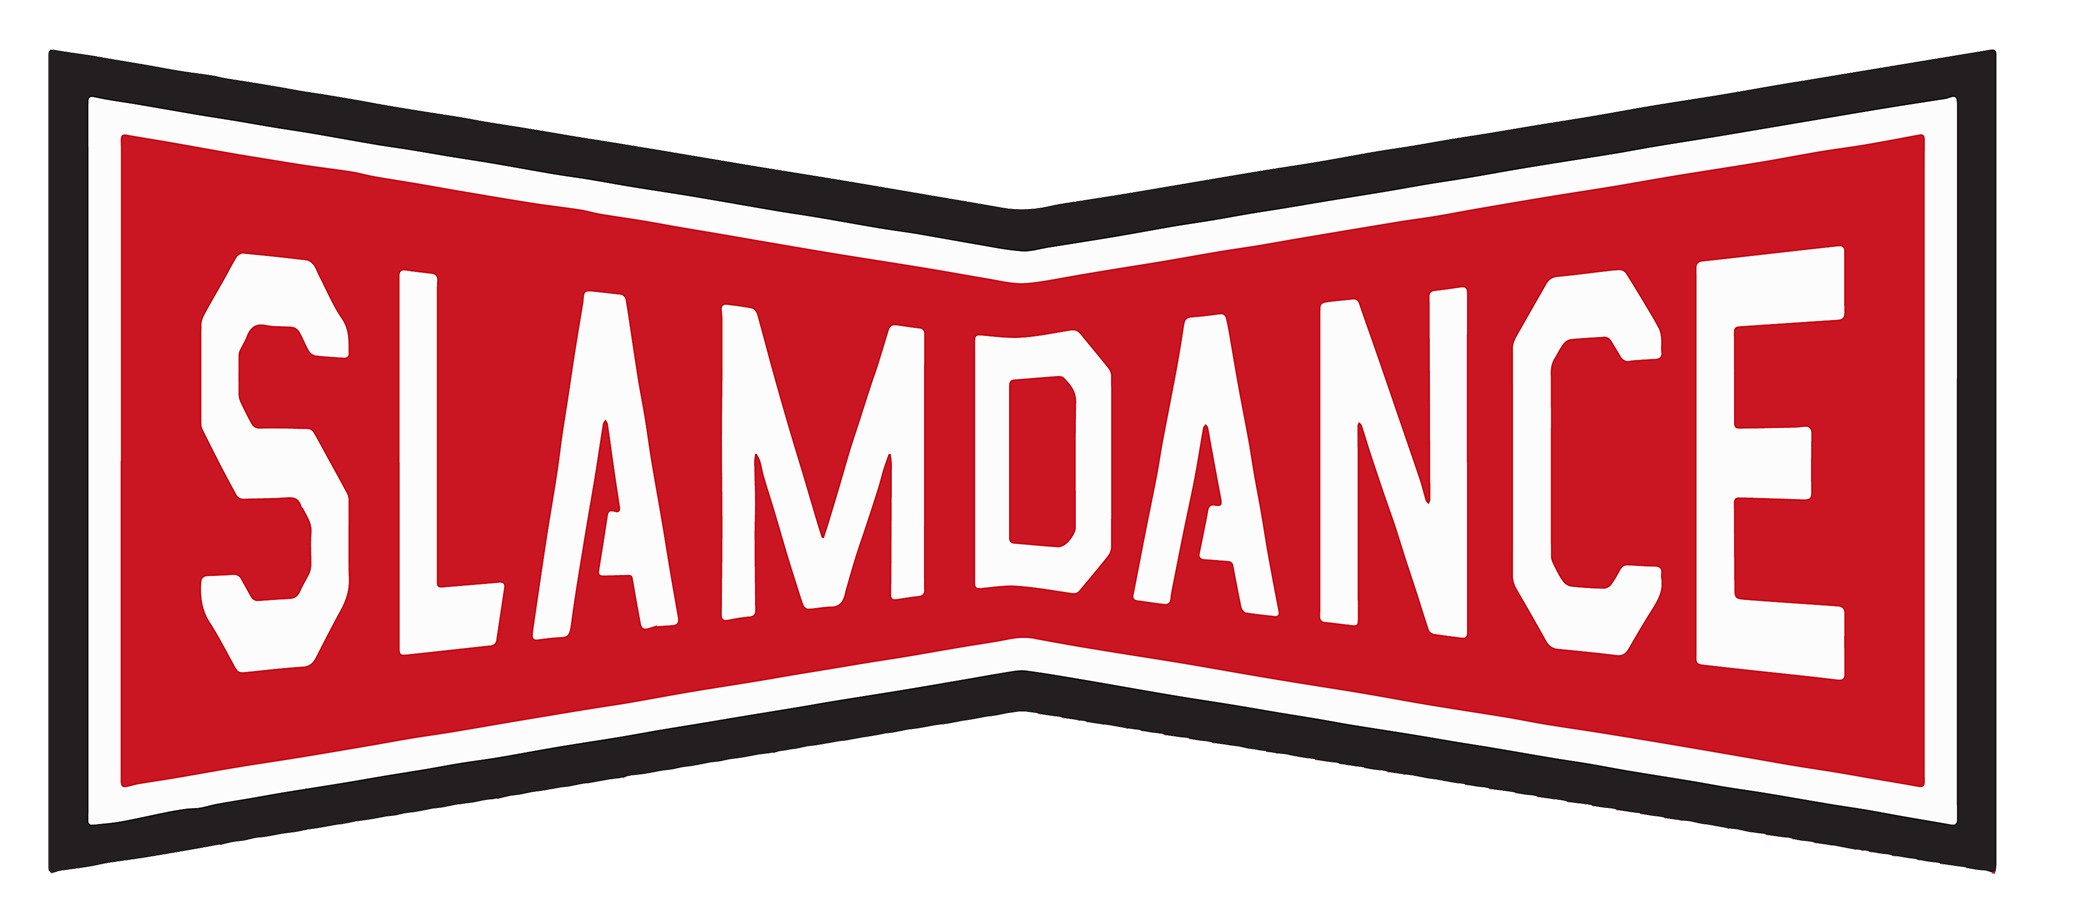 00-ED-SLUG-Slamdance-2017.png